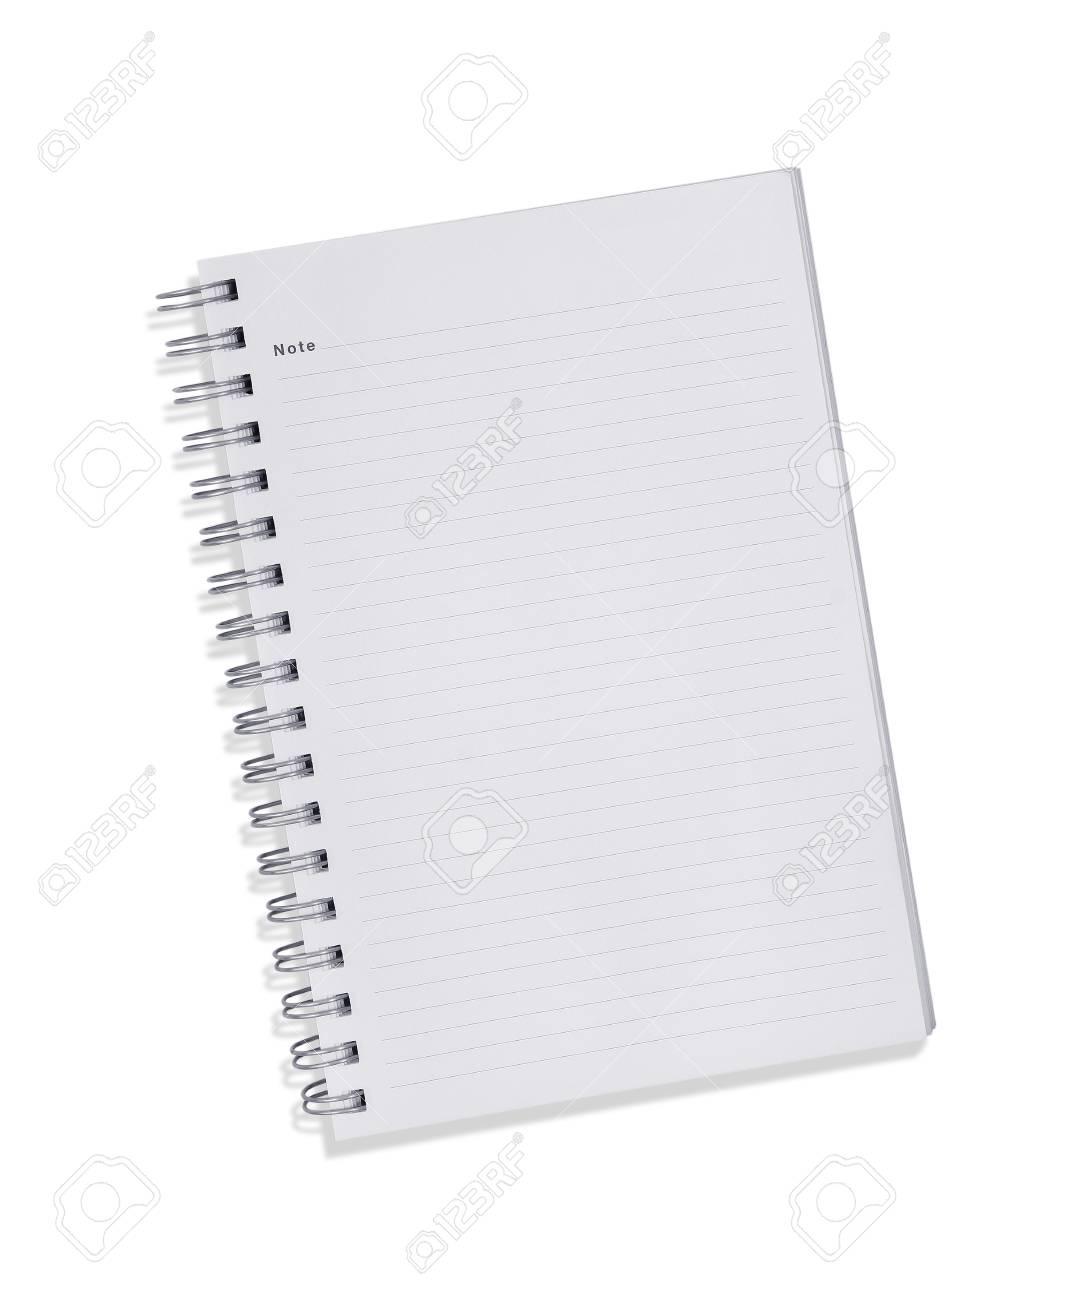 Promotion de ventes meilleur prix remise spéciale Blank carnet de notes avec trois trous pour reliure à anneaux isolé sur  blanc.